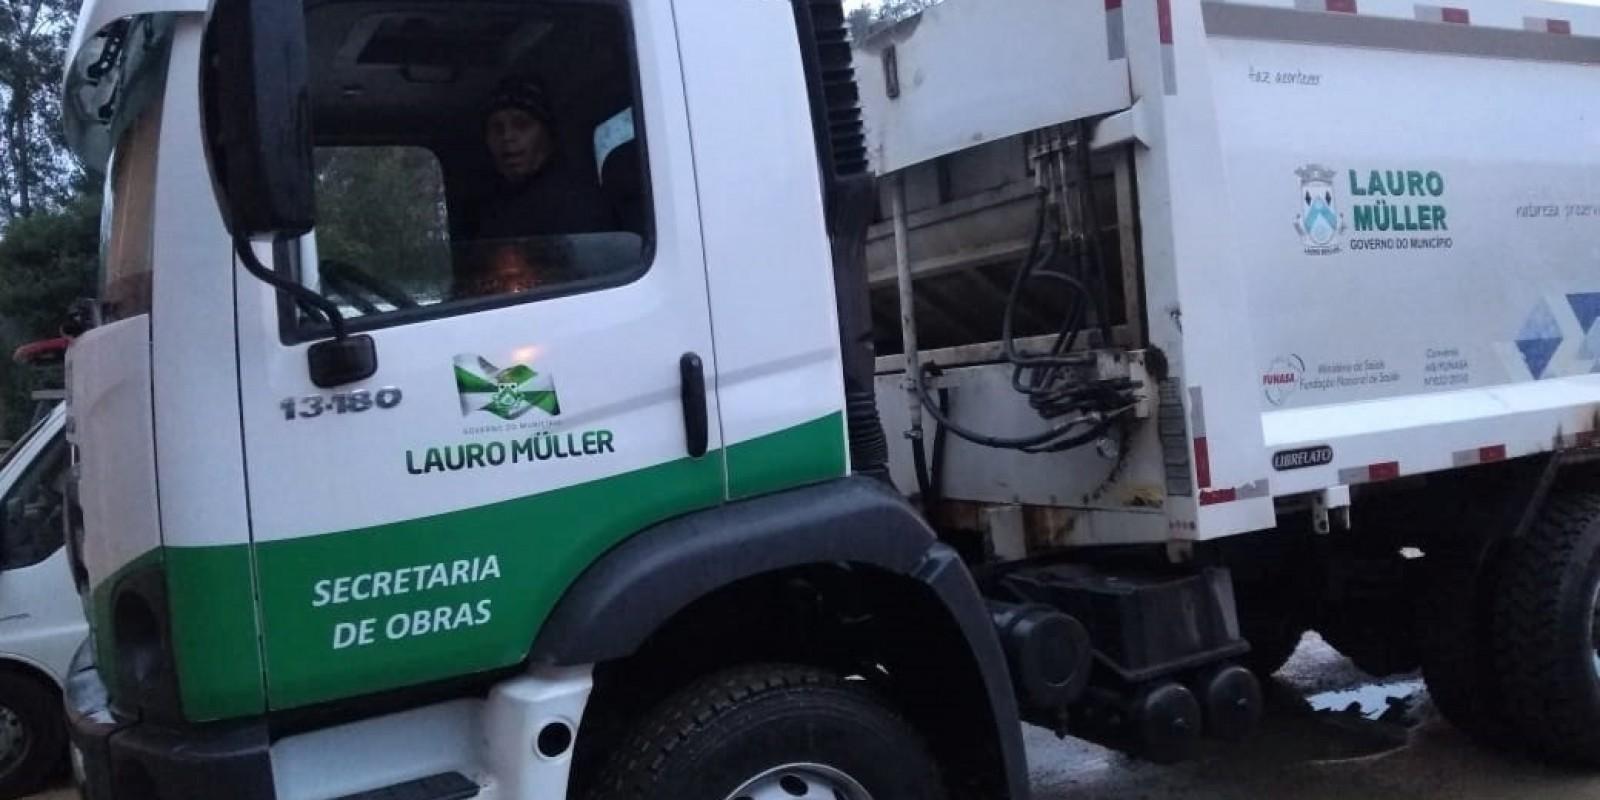 Administração Municipal de Lauro Müller vai triplicar capacidade de coleta de lixo, até o final do mês